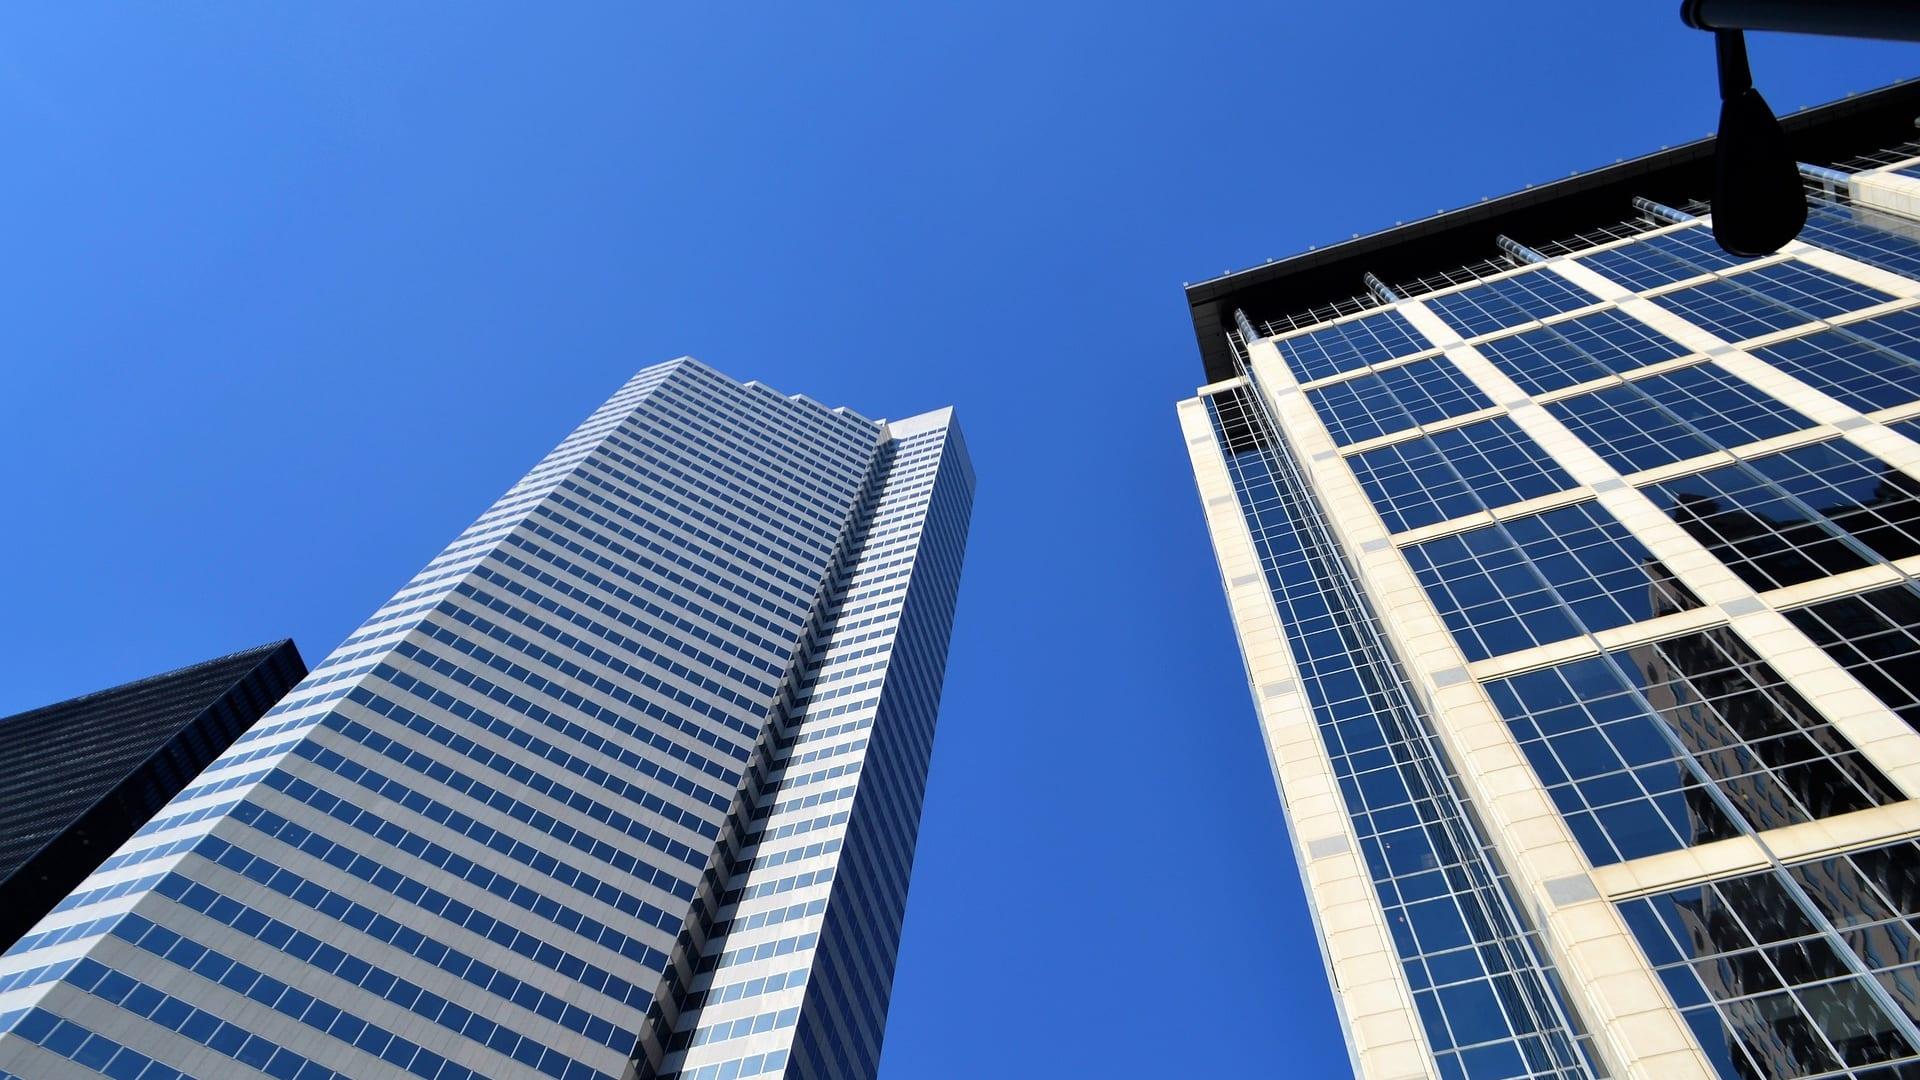 L'importance de comparer les offres d'électricité pour votre bien immobilier